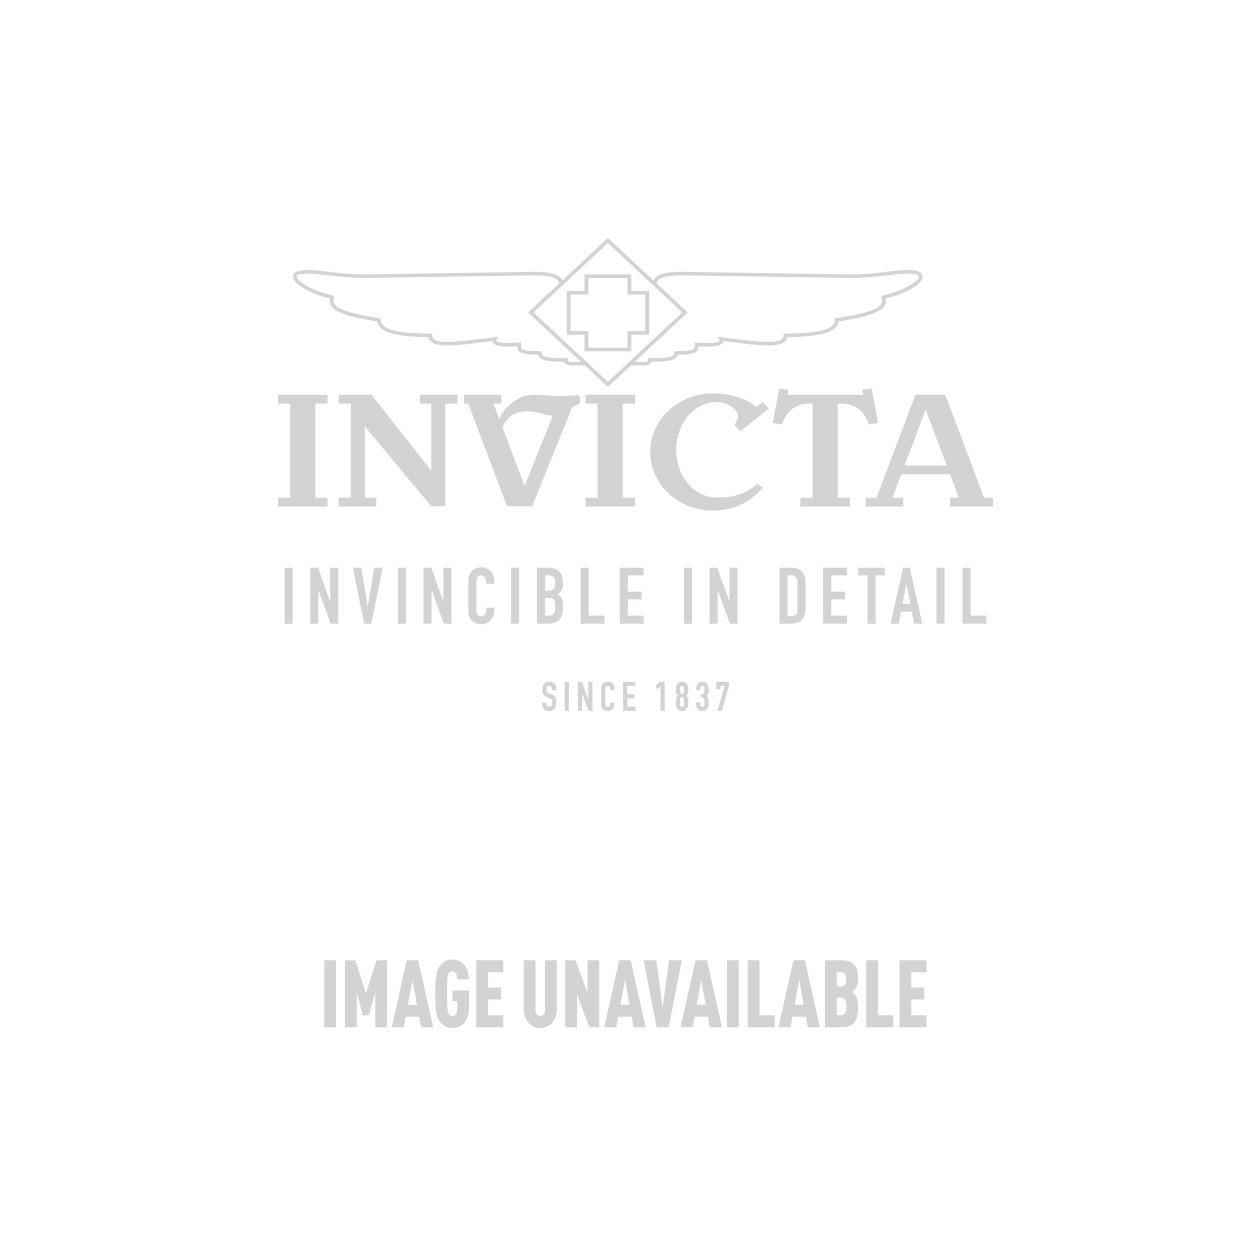 INVICTA Jewelry Incanto Necklaces 65 29.2 Silver 925 and Ceramic Rhodium+Rose Gold+White - Model J0061